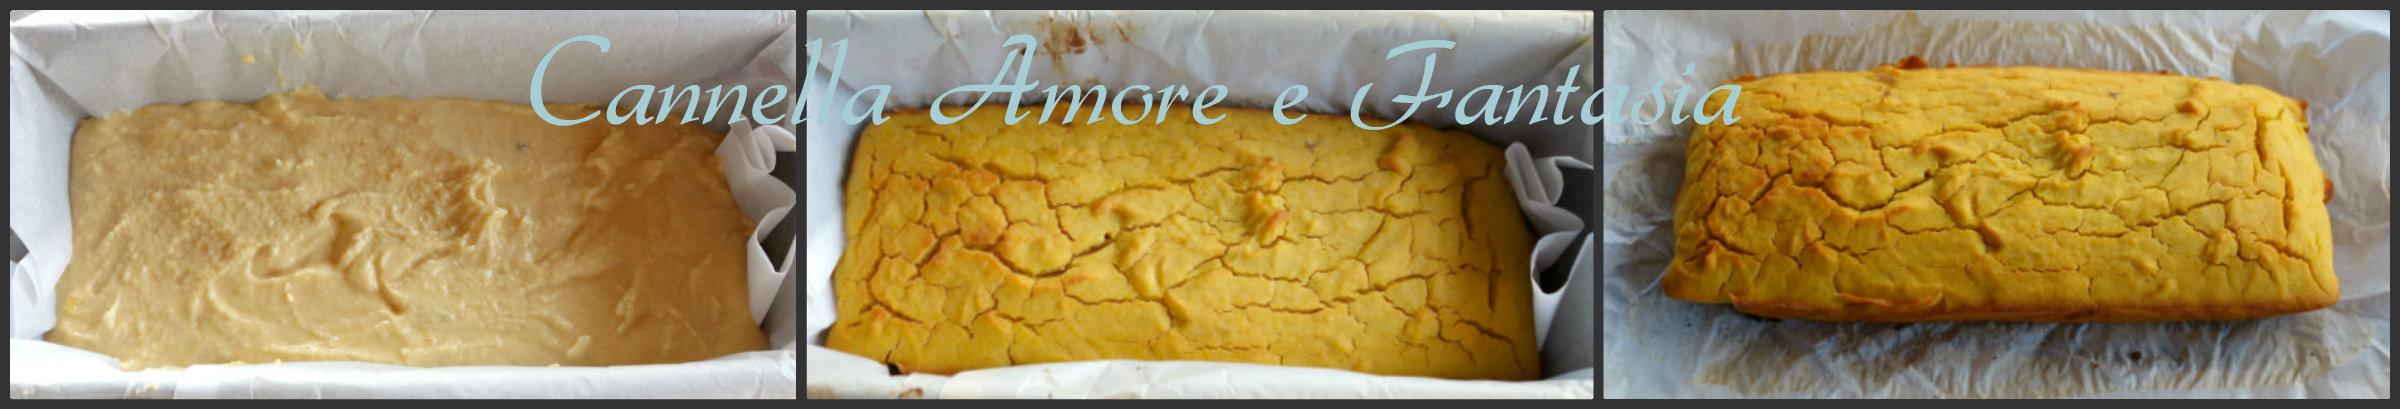 Plumcake poche calorie collage finito 2